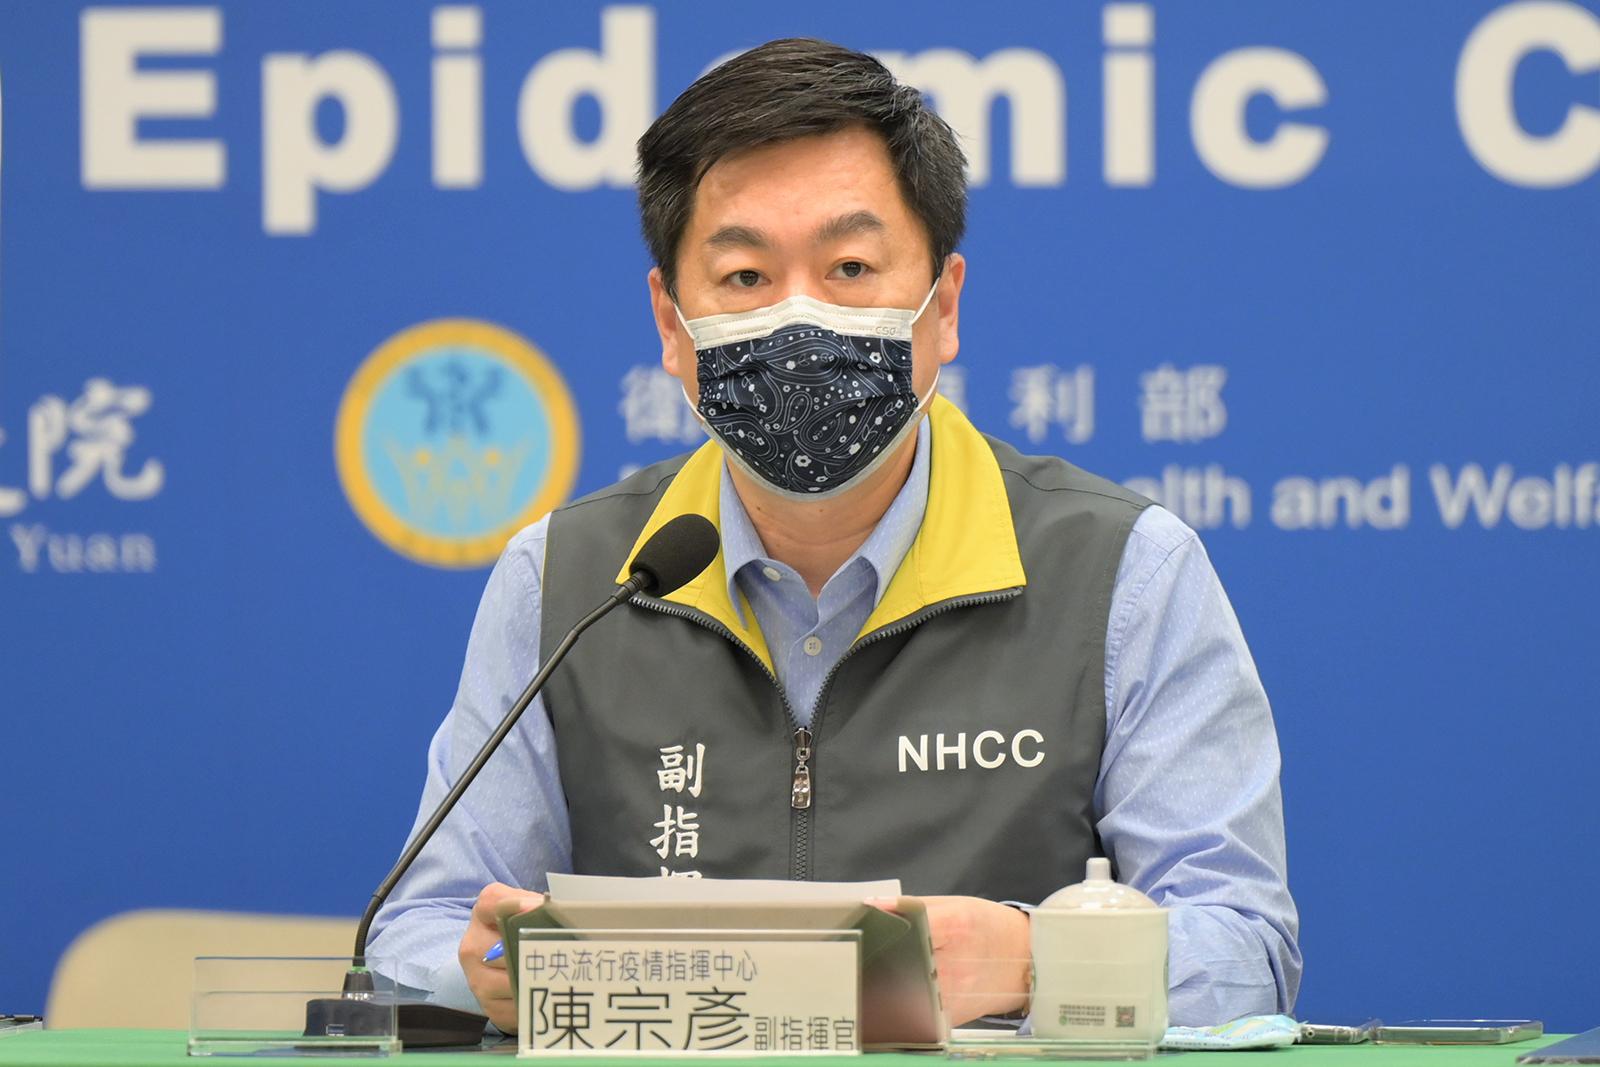 2021年6月5日,内政部次长陈宗彦:台湾六月份每天赴中旅客维持四到六百人,并未显著增加。(中央流行疫情指挥中心提供)